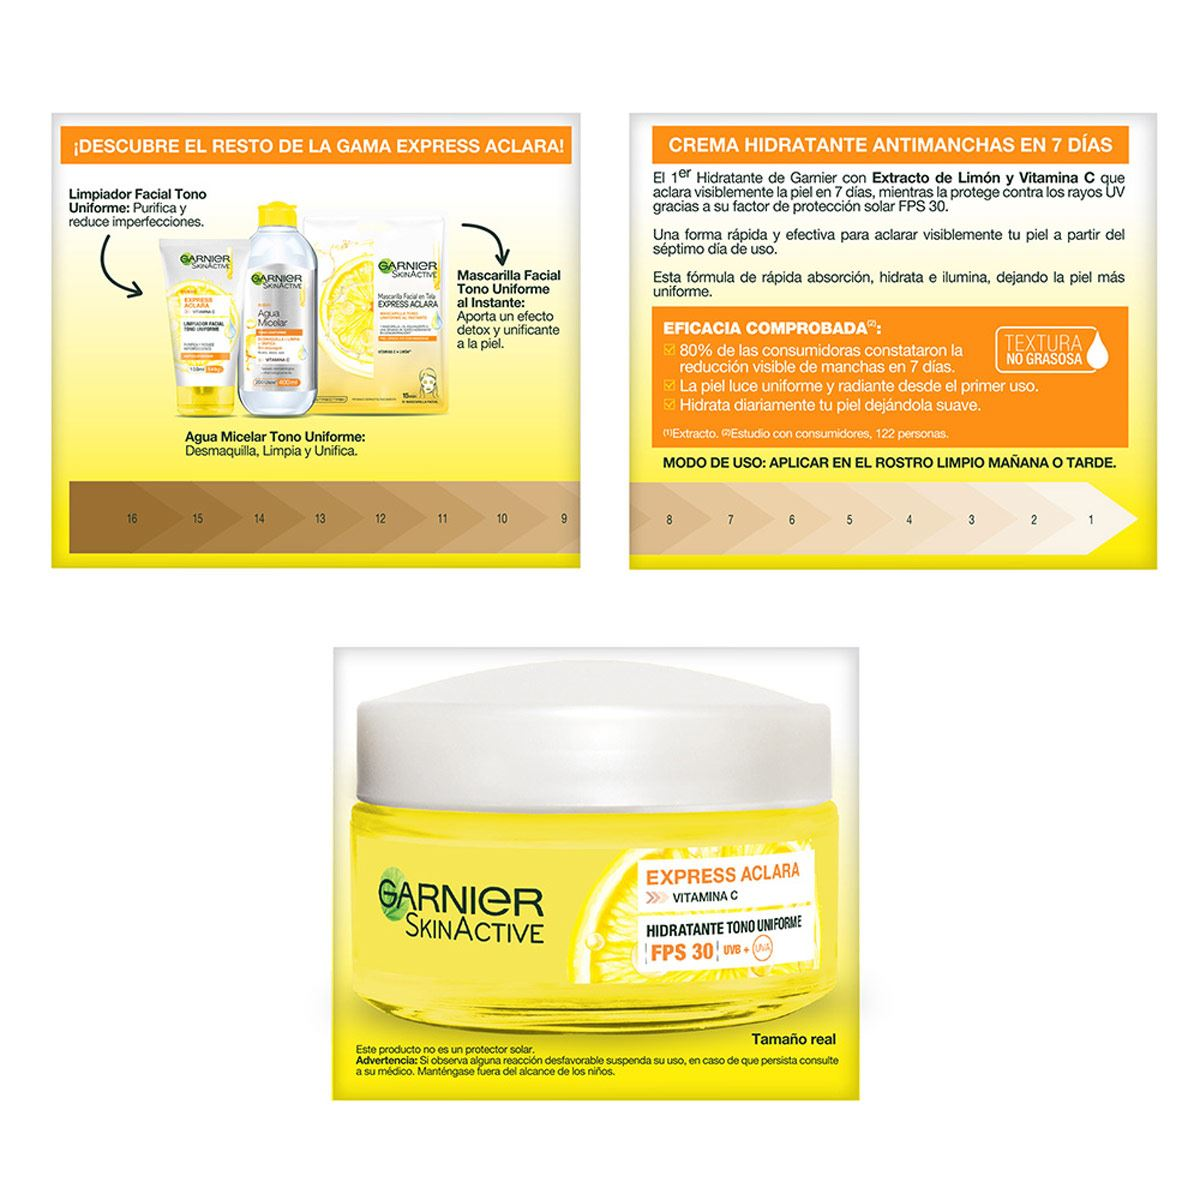 Crema Aclarante Con Fps 30 Y Vitamina C Express Aclara Garnier